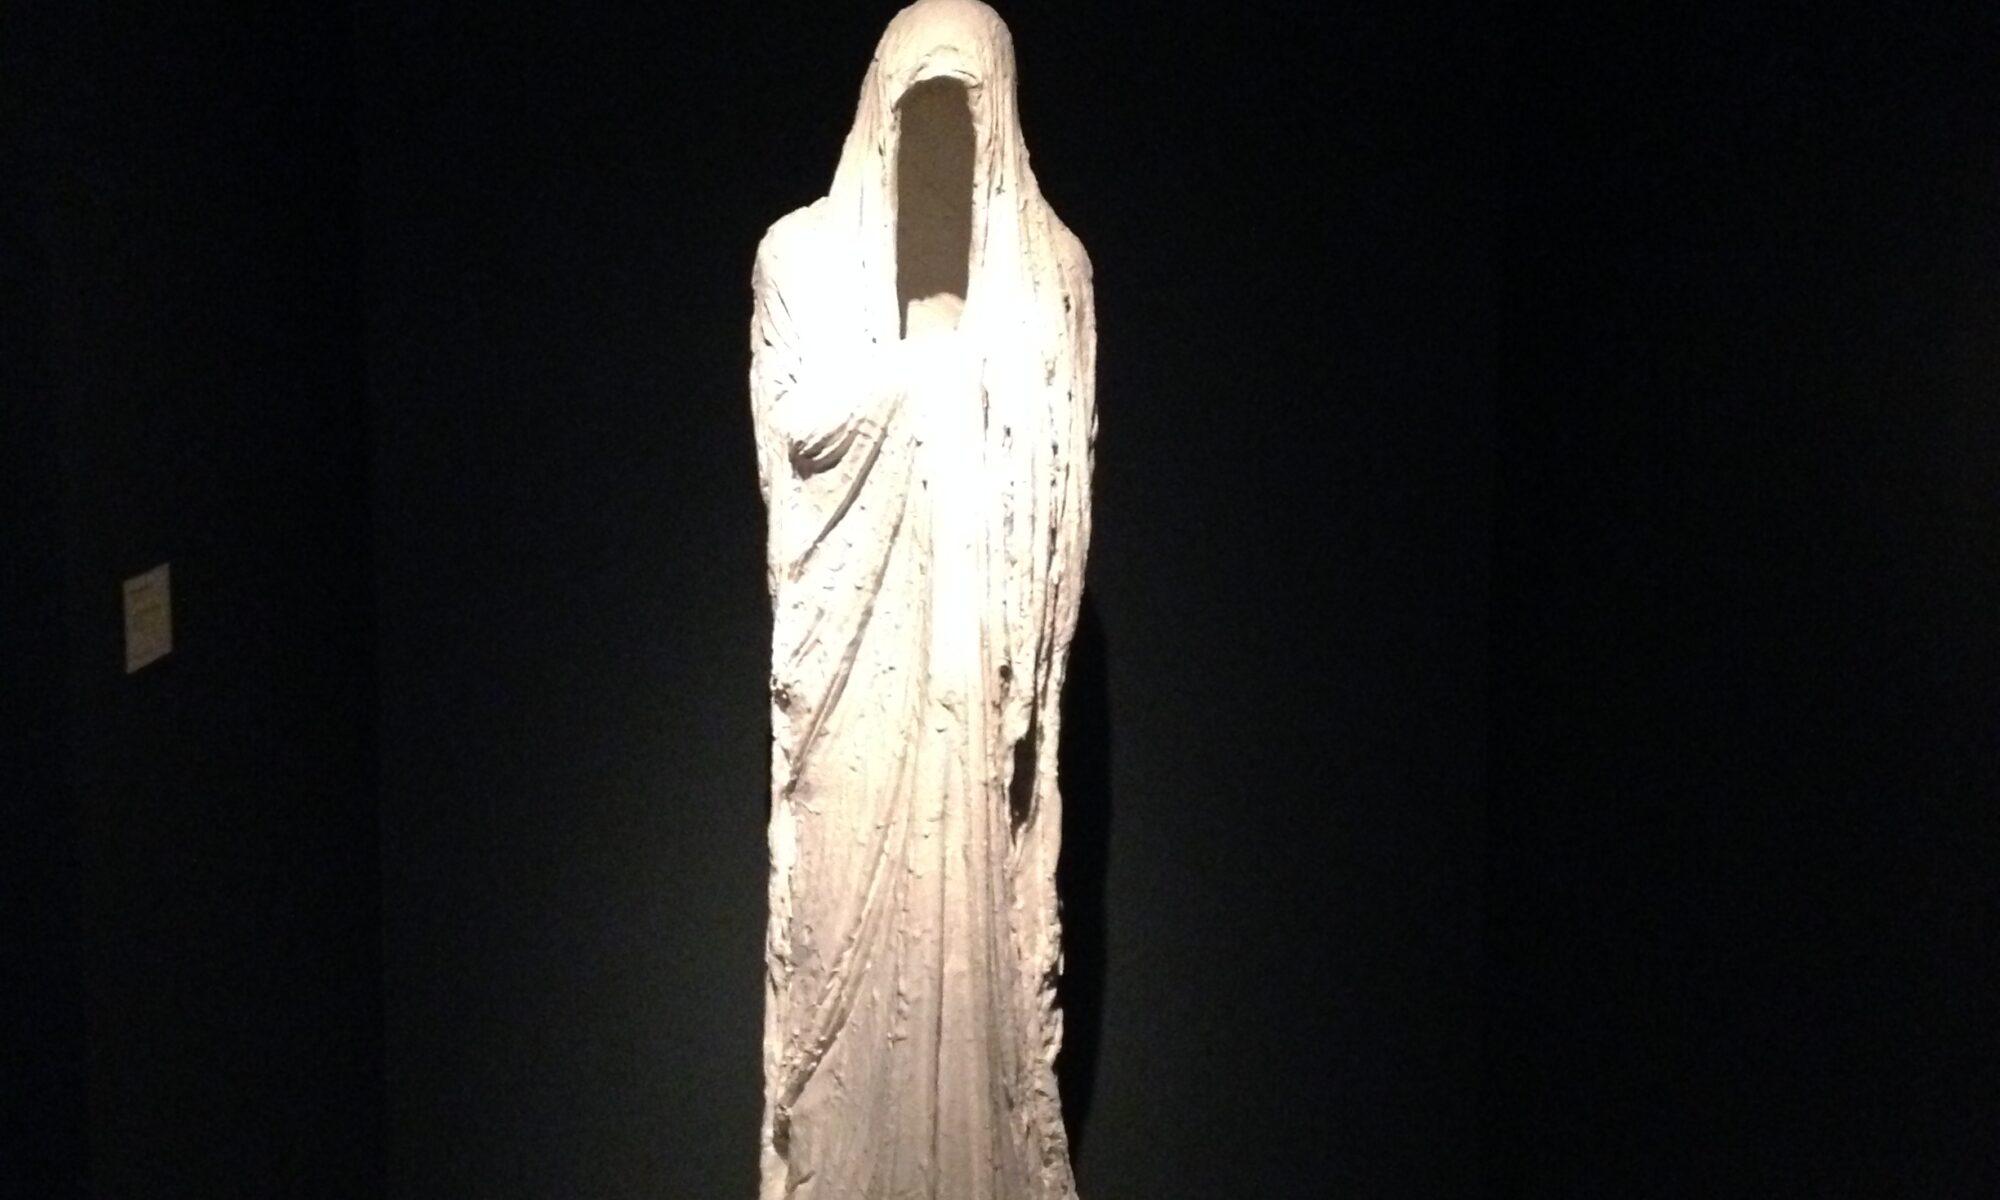 Sculpture by Chrstian Lemmerz